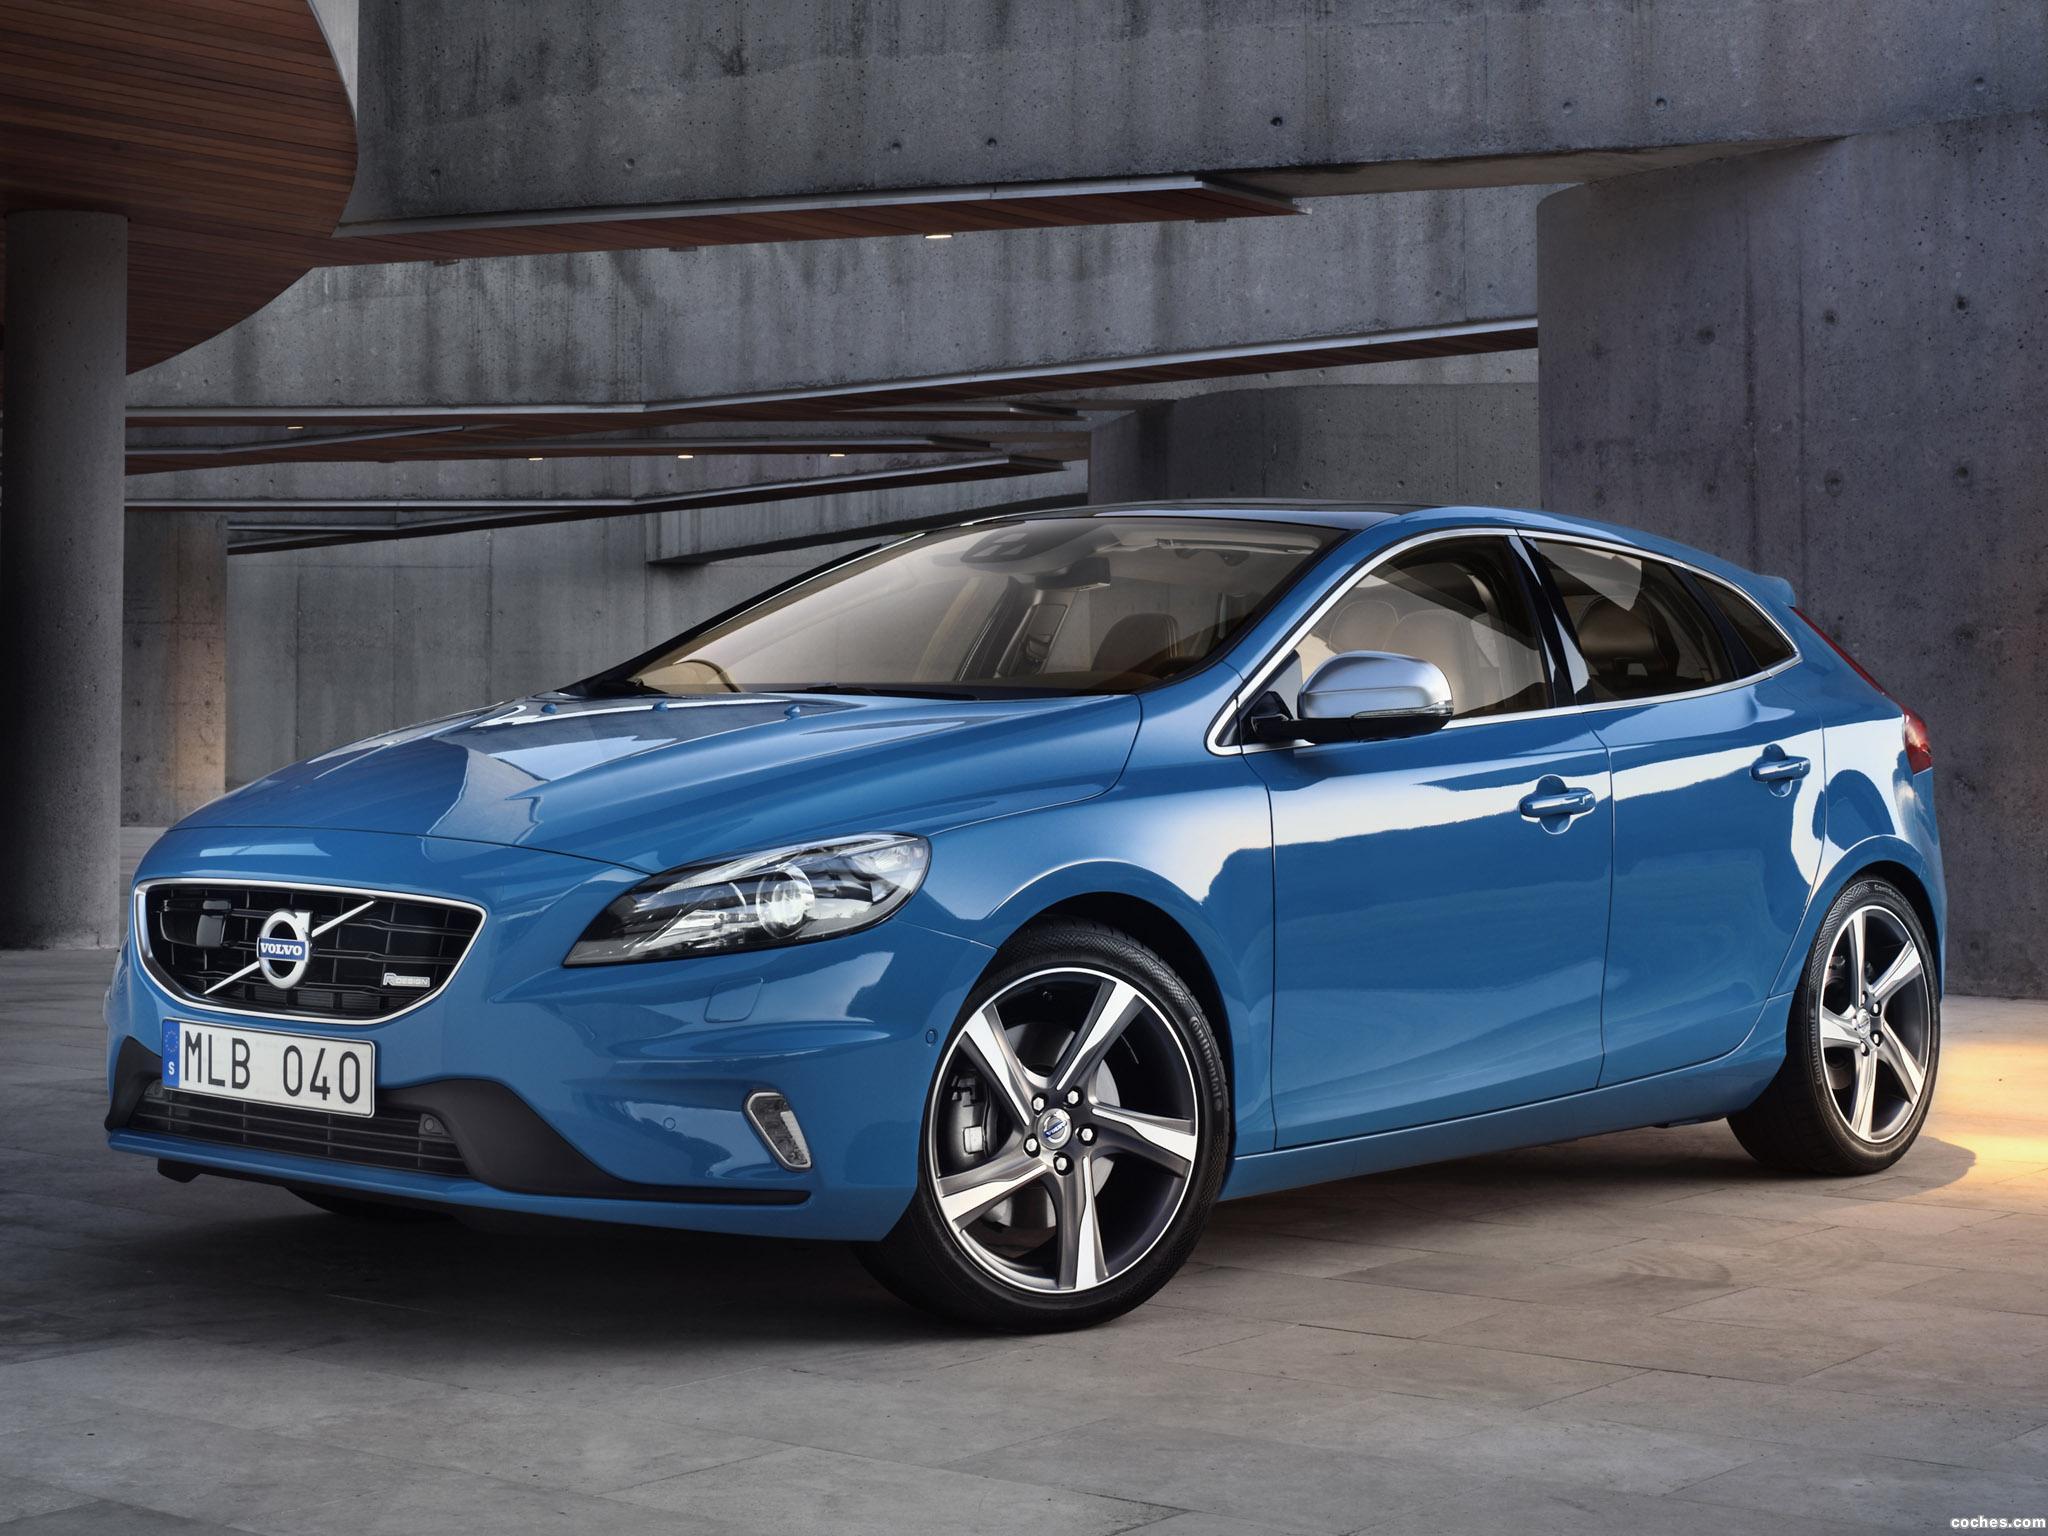 Foto 0 de Volvo V40 R-Design 2012